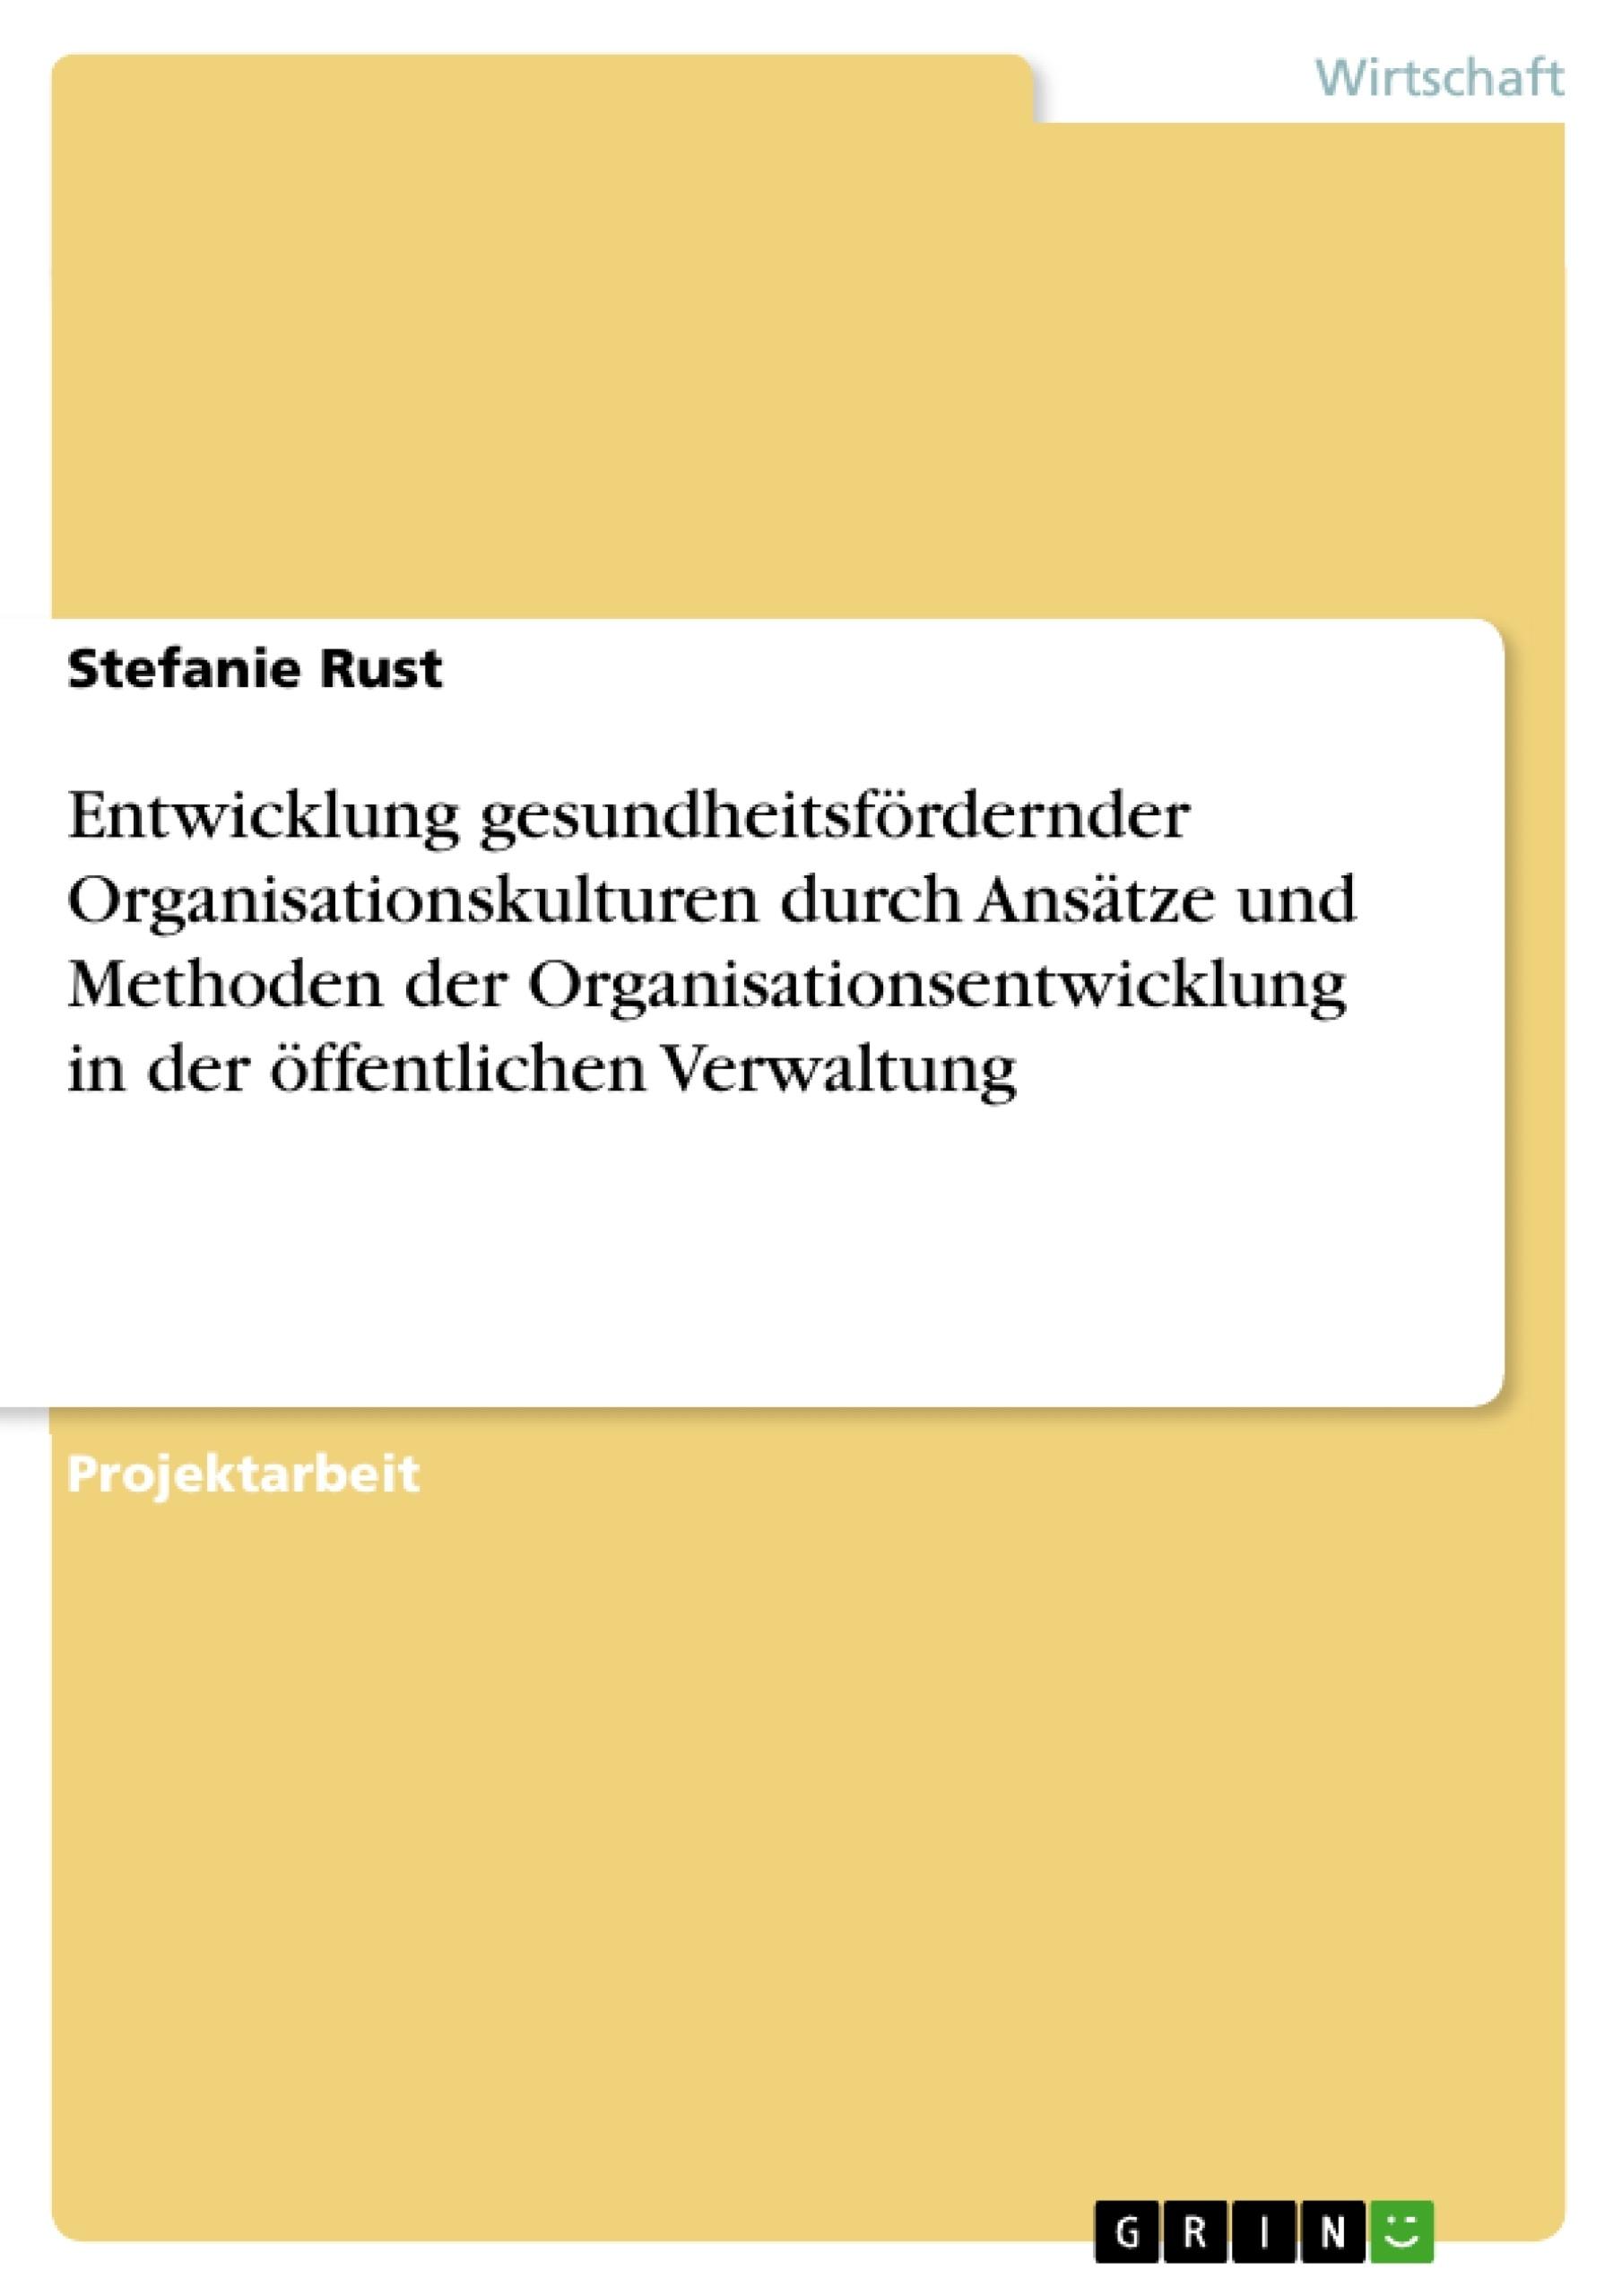 Titel: Entwicklung gesundheitsfördernder Organisationskulturen durch Ansätze und Methoden der Organisationsentwicklung in der öffentlichen Verwaltung